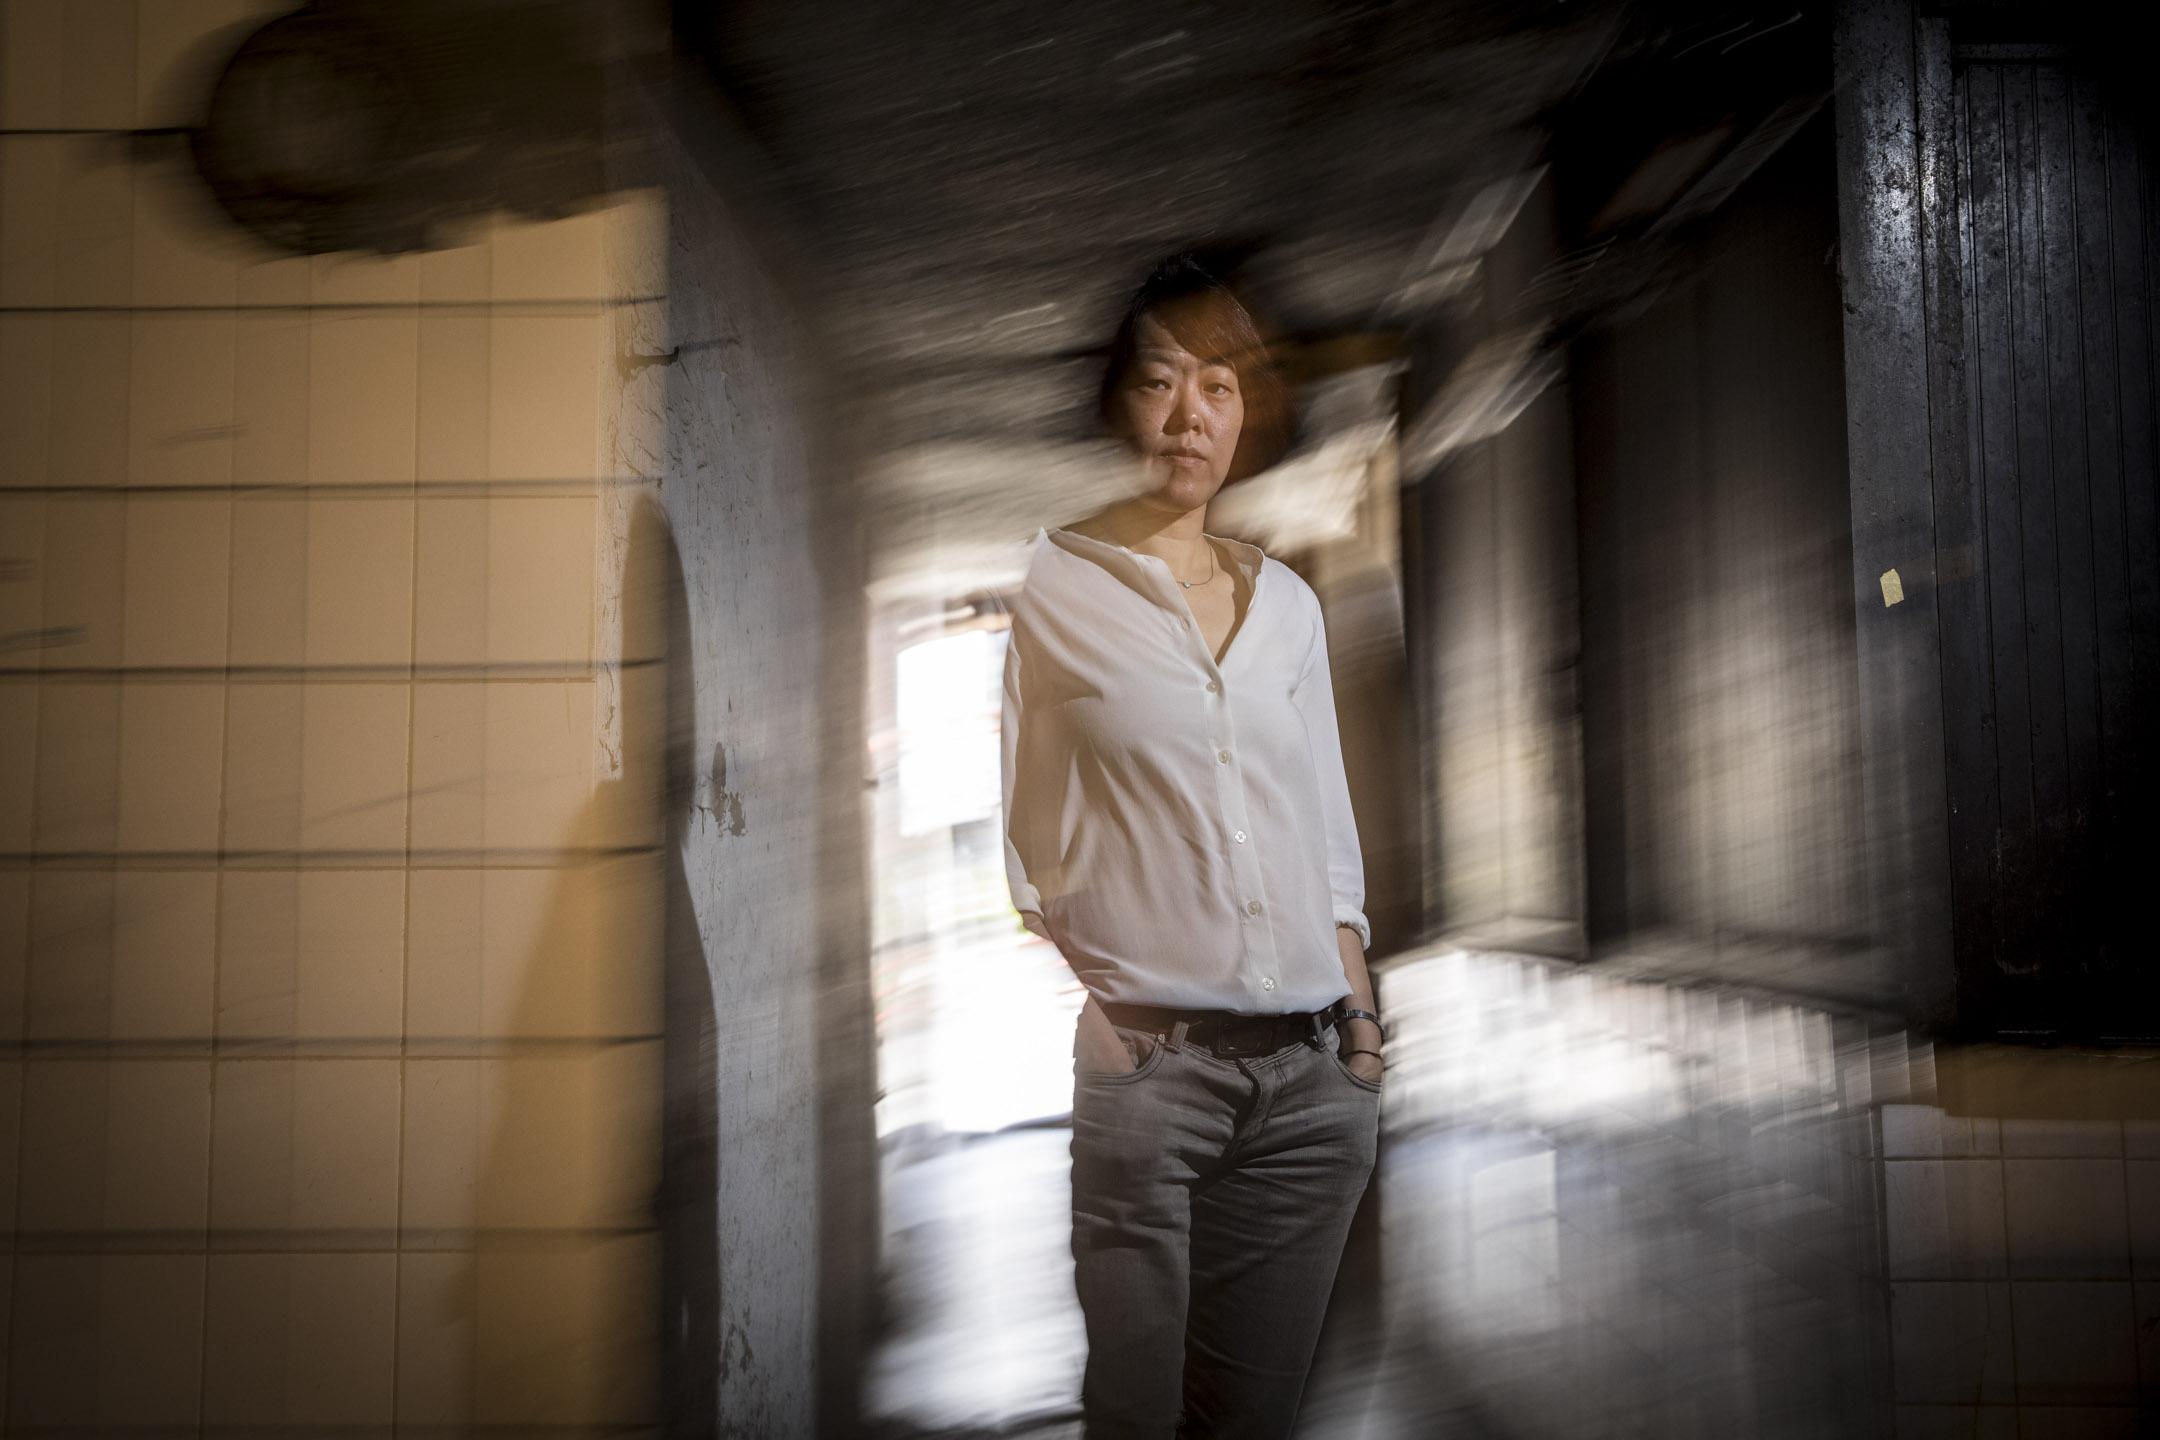 陳芯宜,1974年出生於台灣,導演,畢業於輔仁大學廣告系。2000年,執導個人第一部電影《我叫阿銘啦》,從而開啟導演生涯,該片獲得台北電影節最佳劇情片獎,更憑藉該片獲得台北電影節最佳新導演獎。 攝:張藍/端傳媒